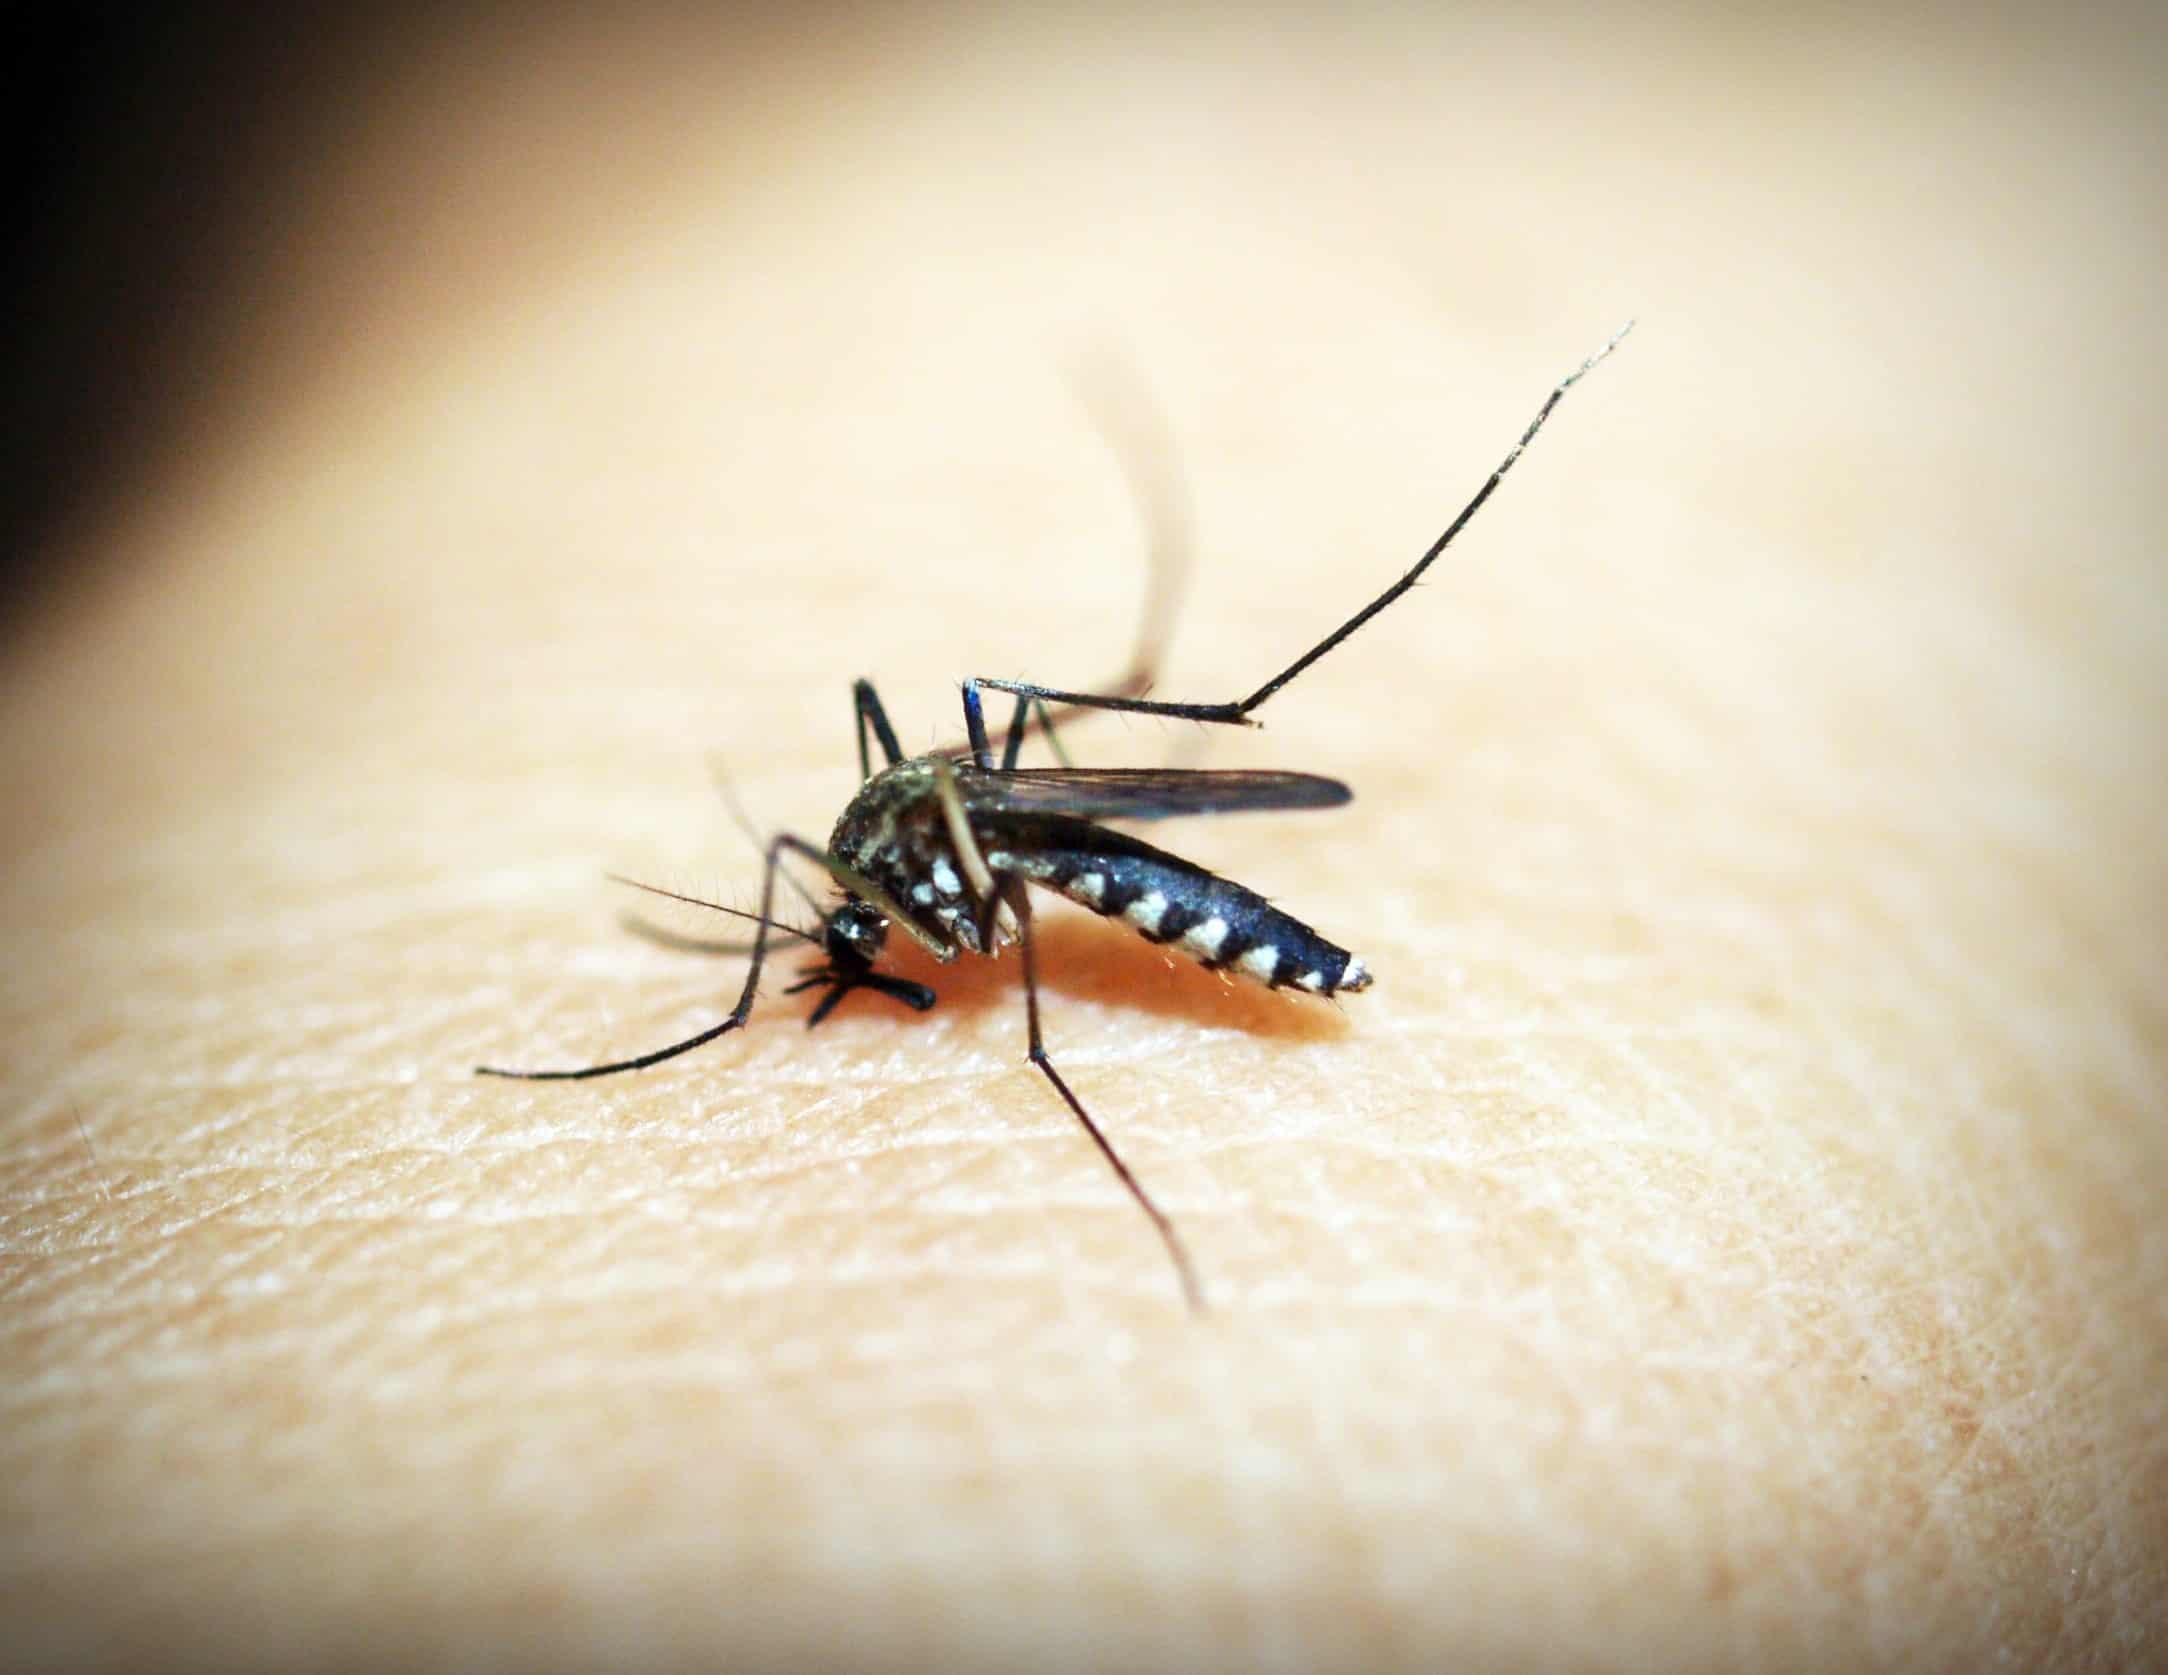 Moustique en train de piquer une peau humaine